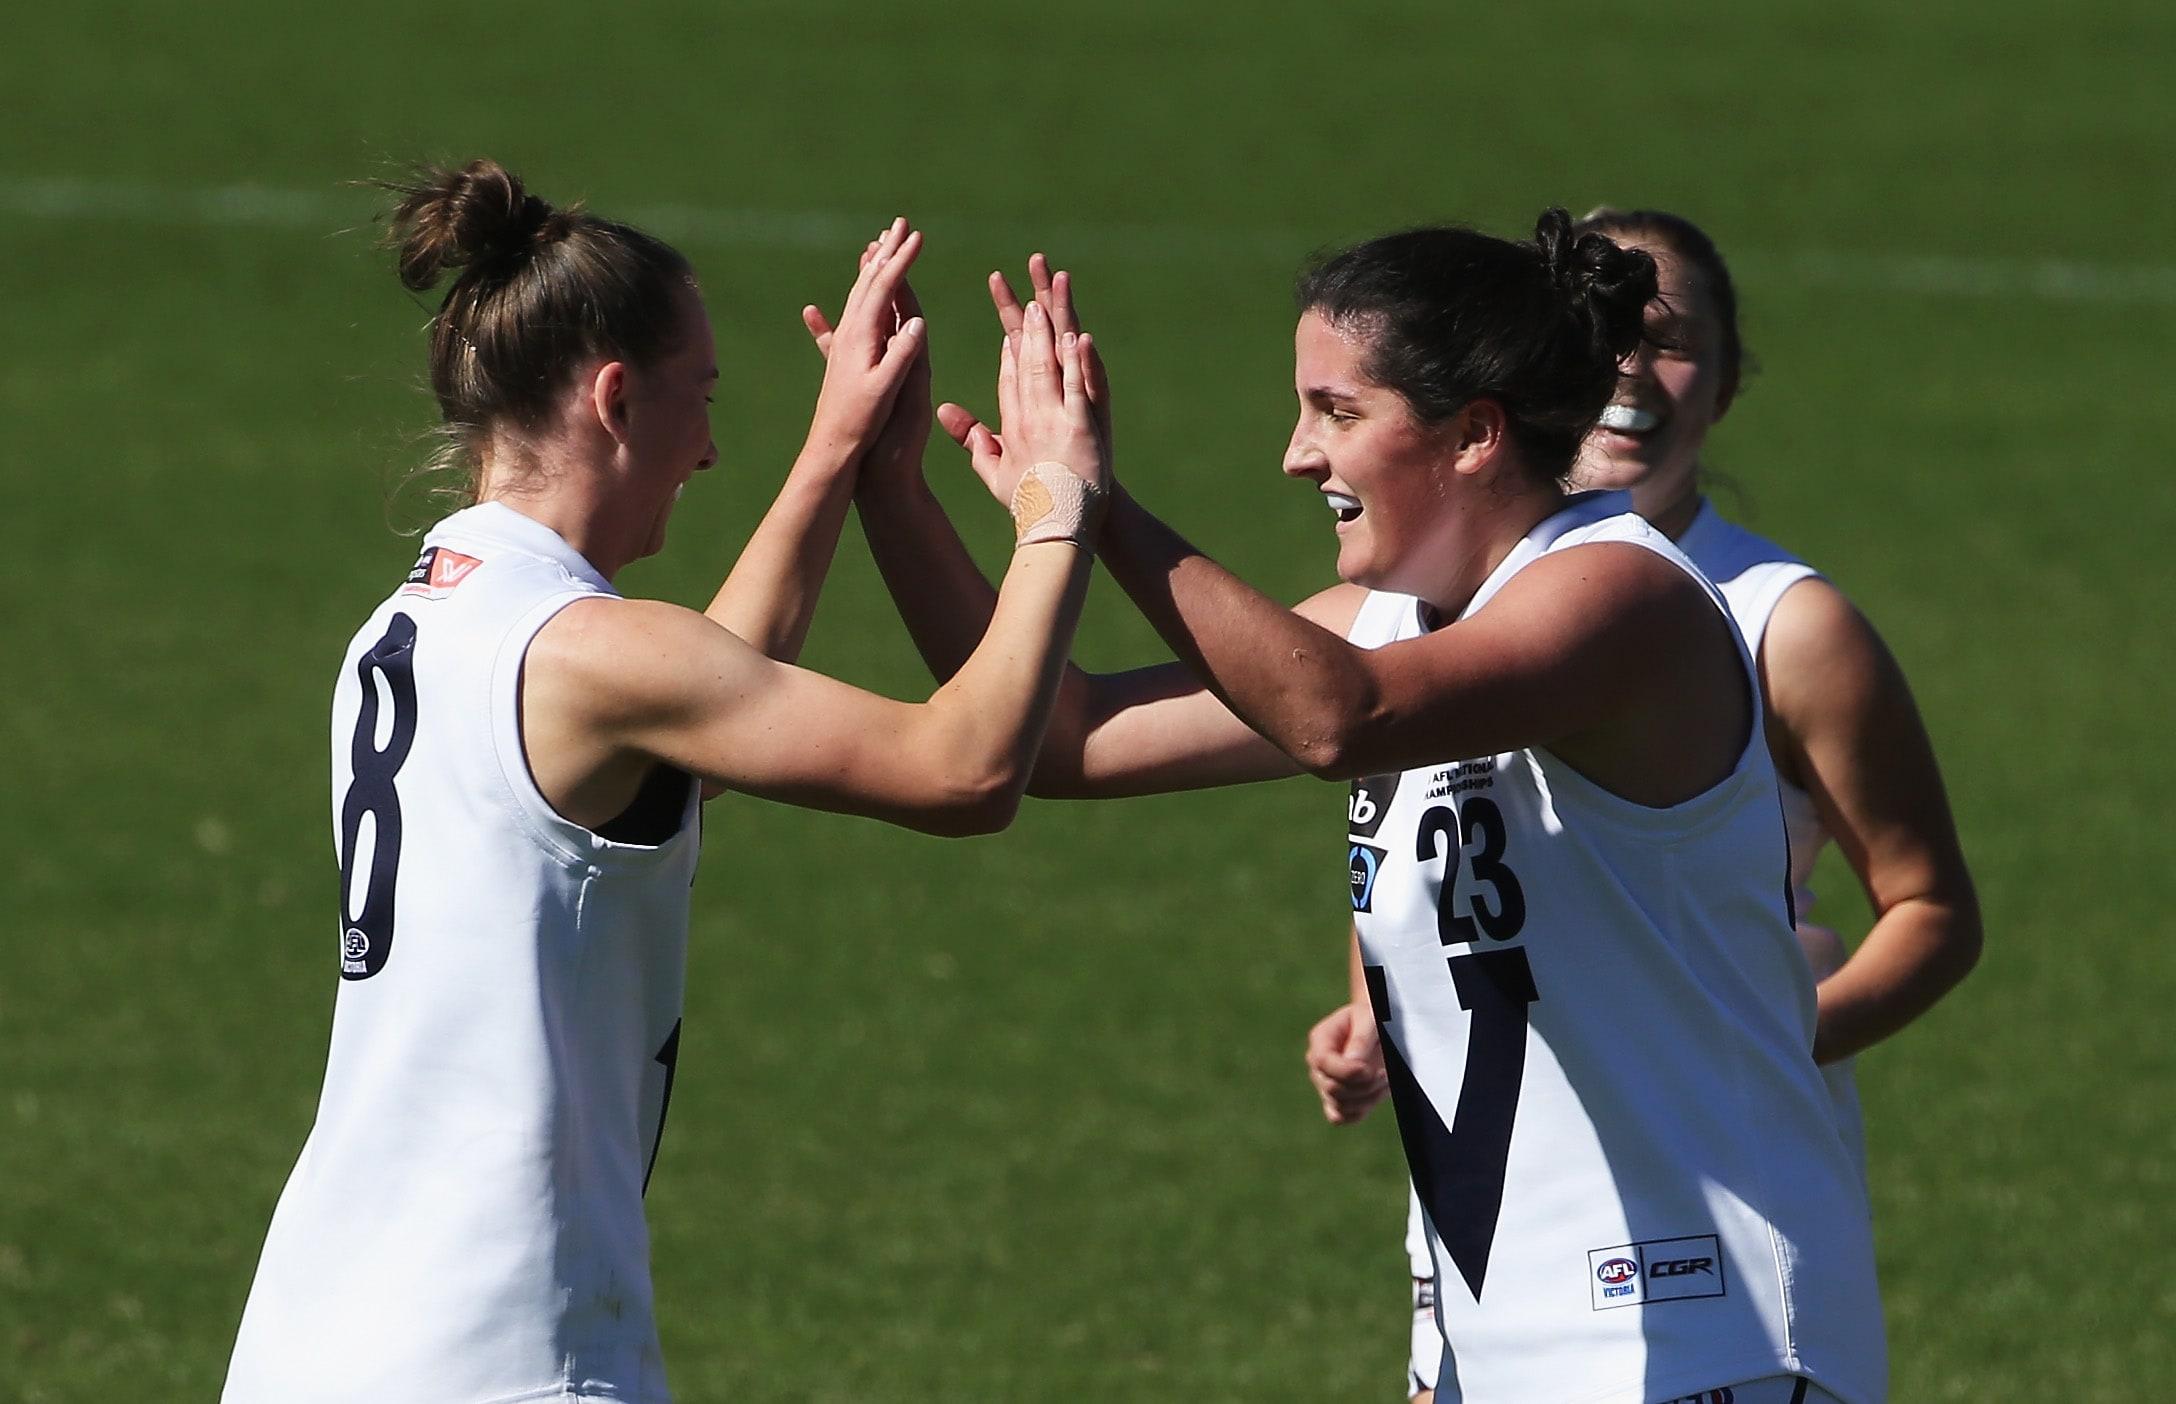 AFLW 2018 U18 Championships - Queensland v Vic Country